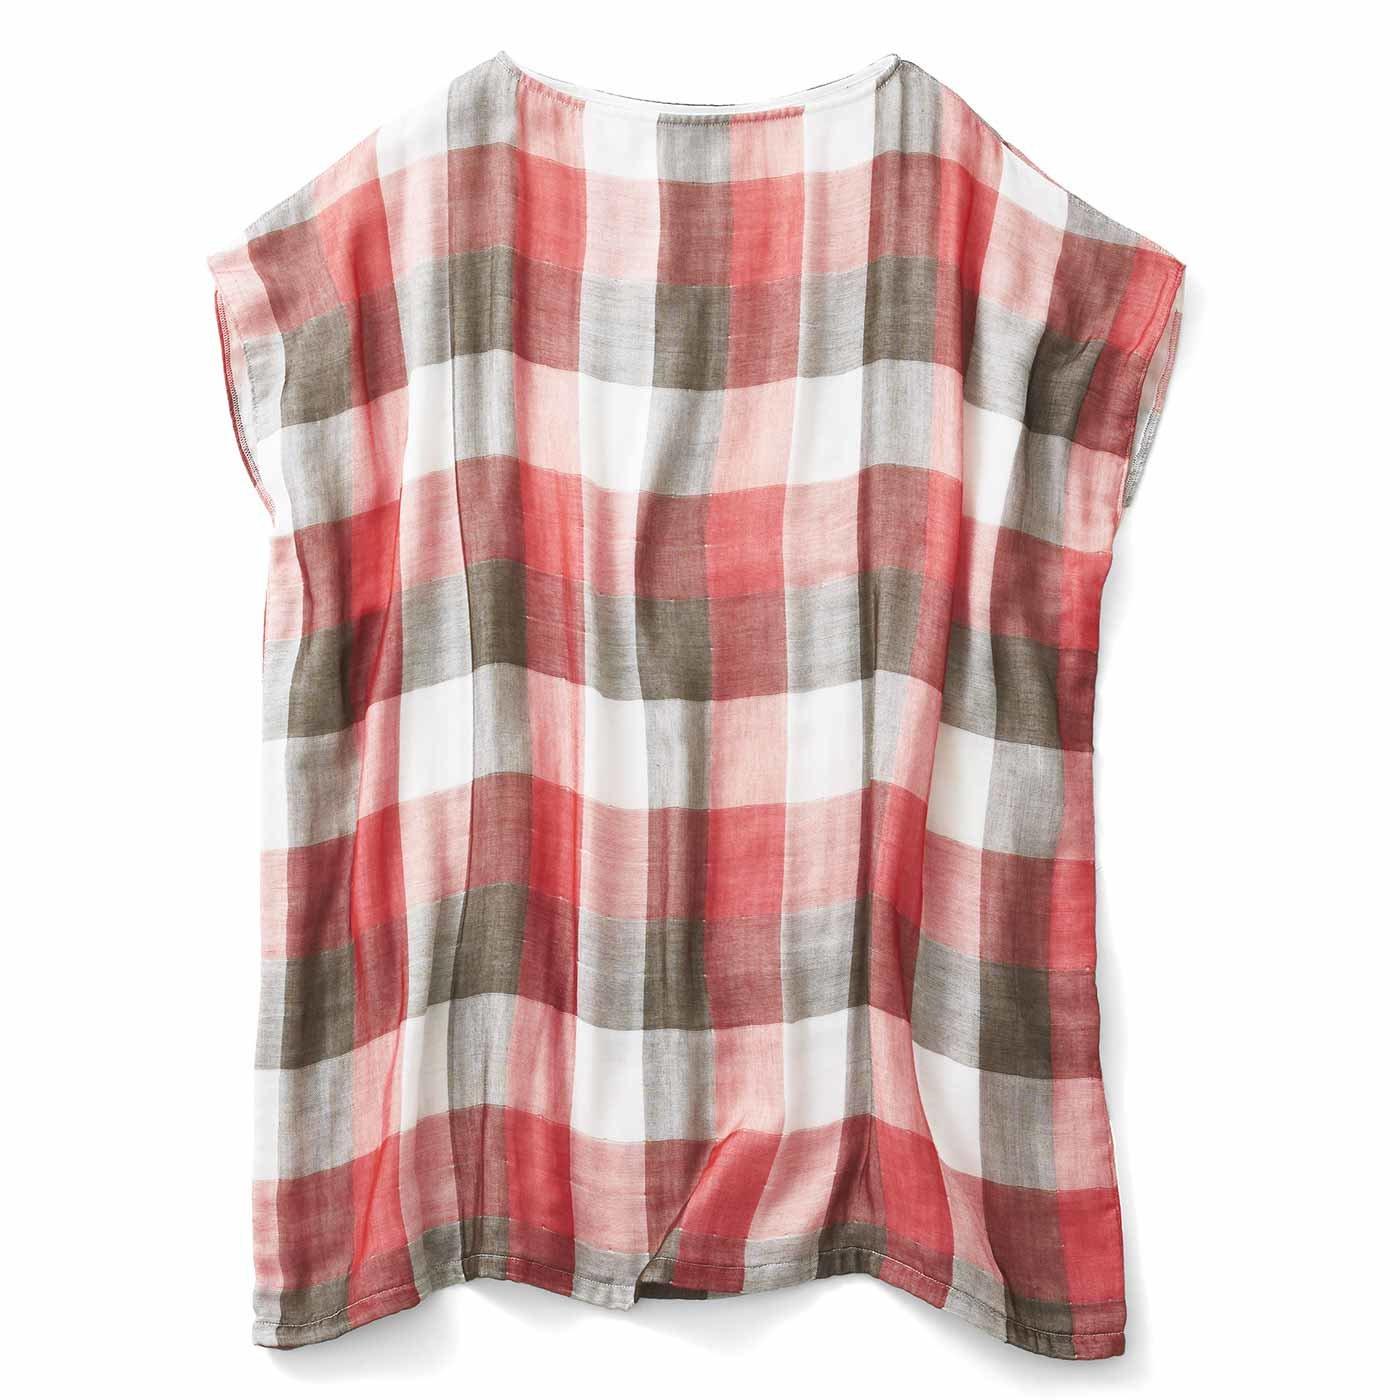 お風呂上がりから寝るまでさわやか 4重ガーゼが心地いい 着るバスタオル〈ブロックチェック〉の会